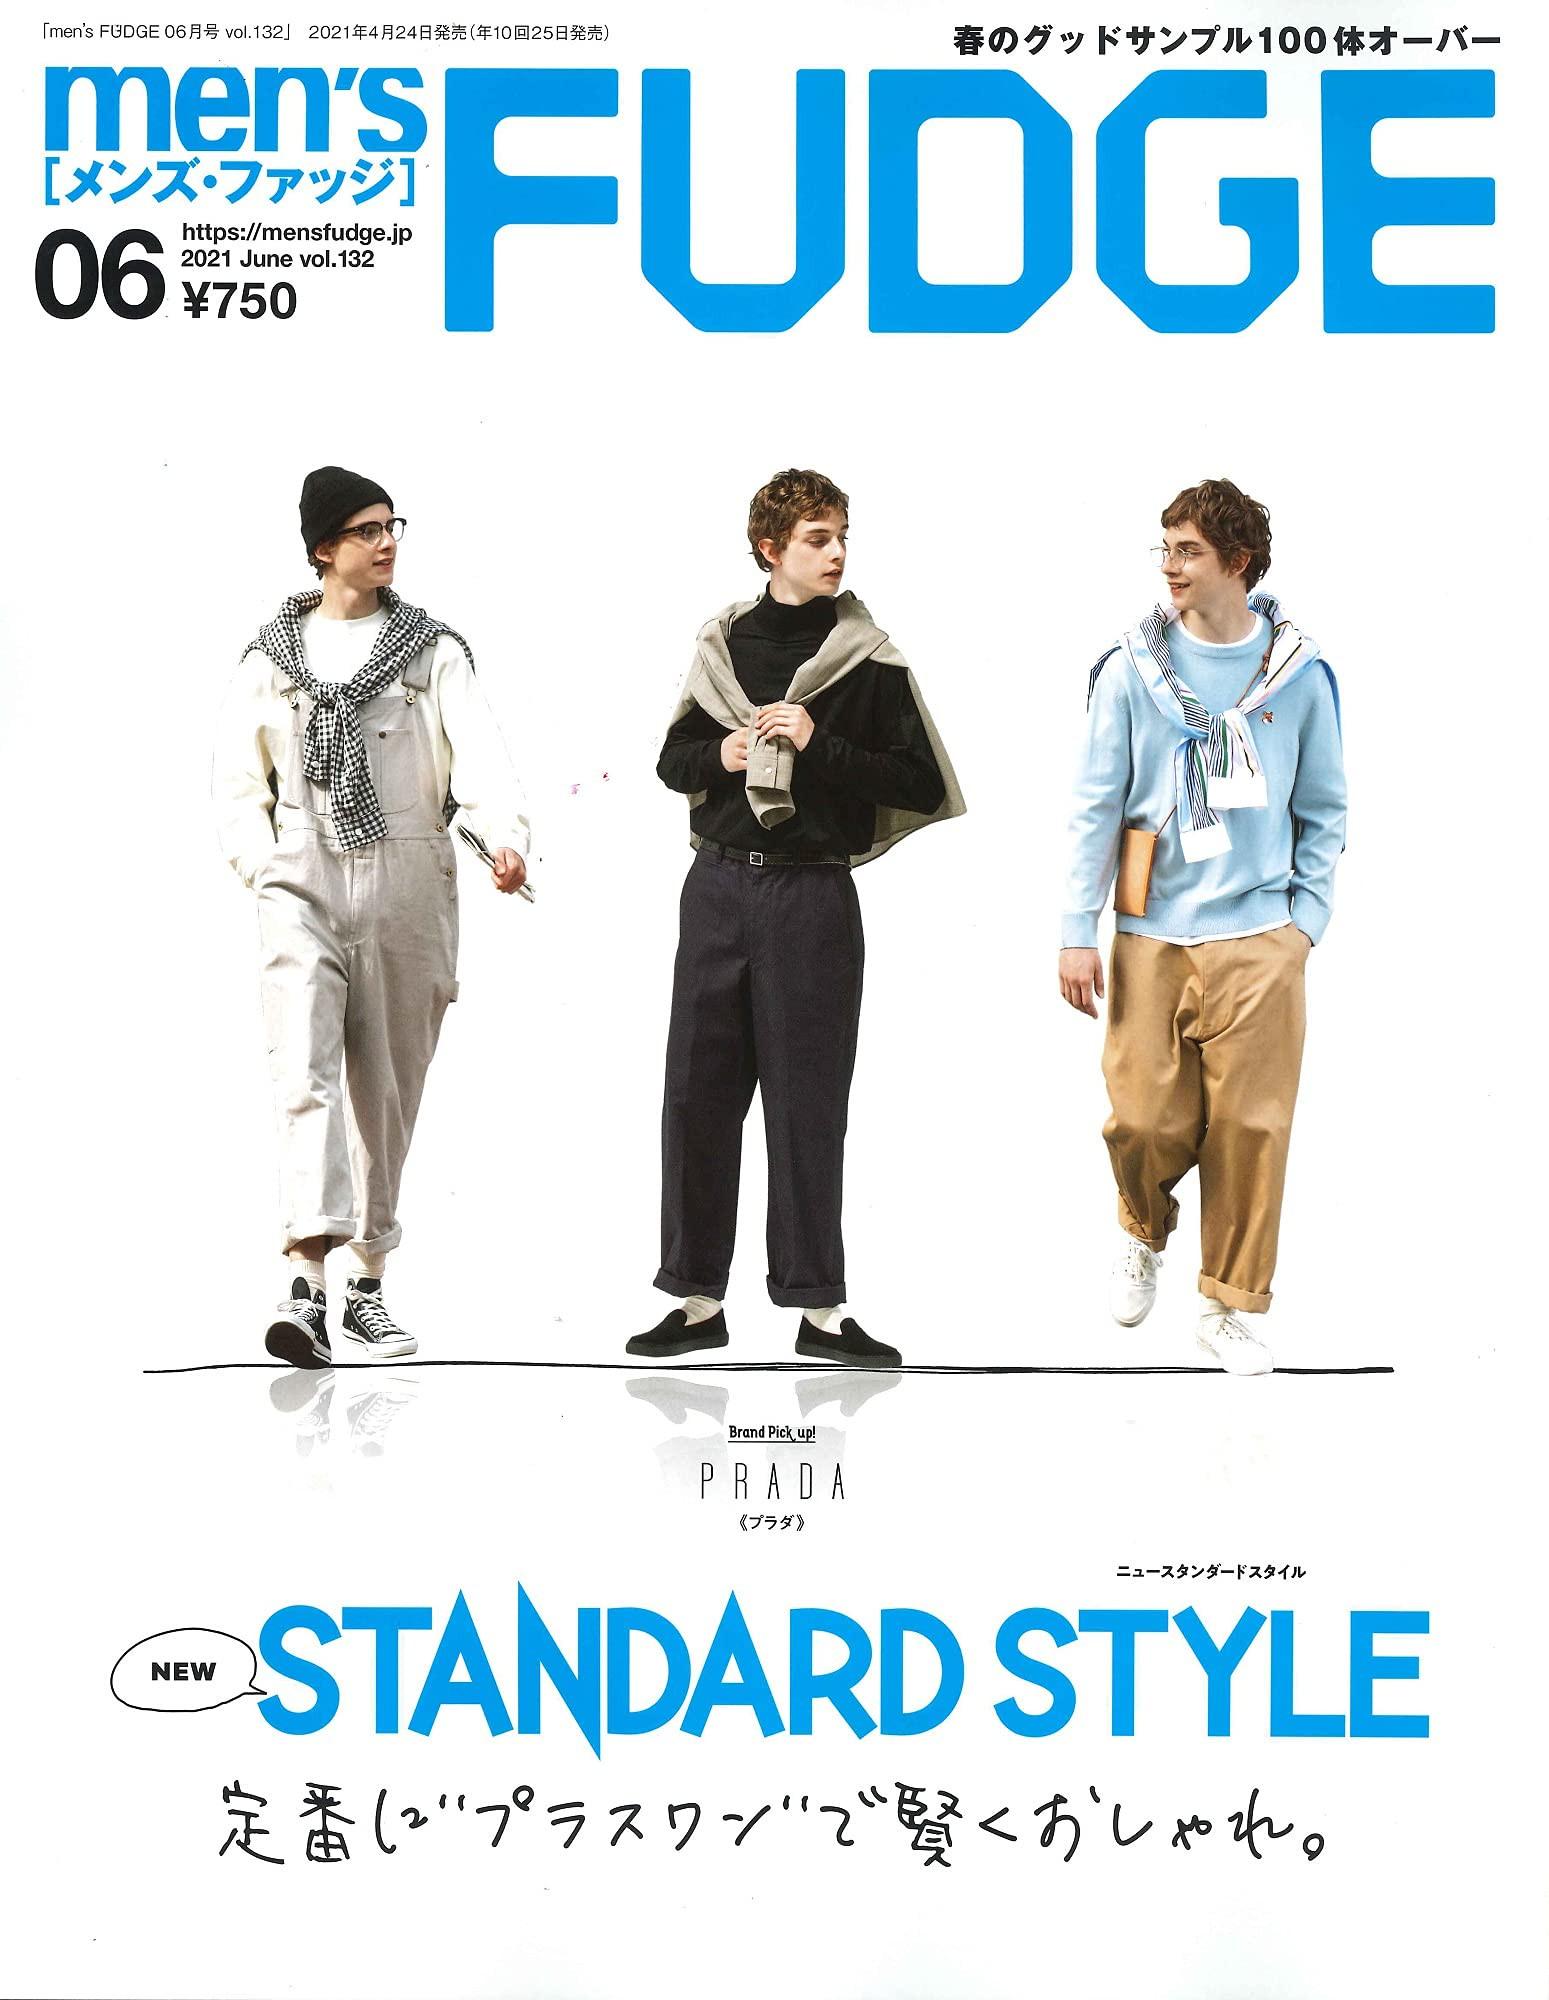 4/24(土)発売のmen's FUDGE 6月号に掲載していただきました。